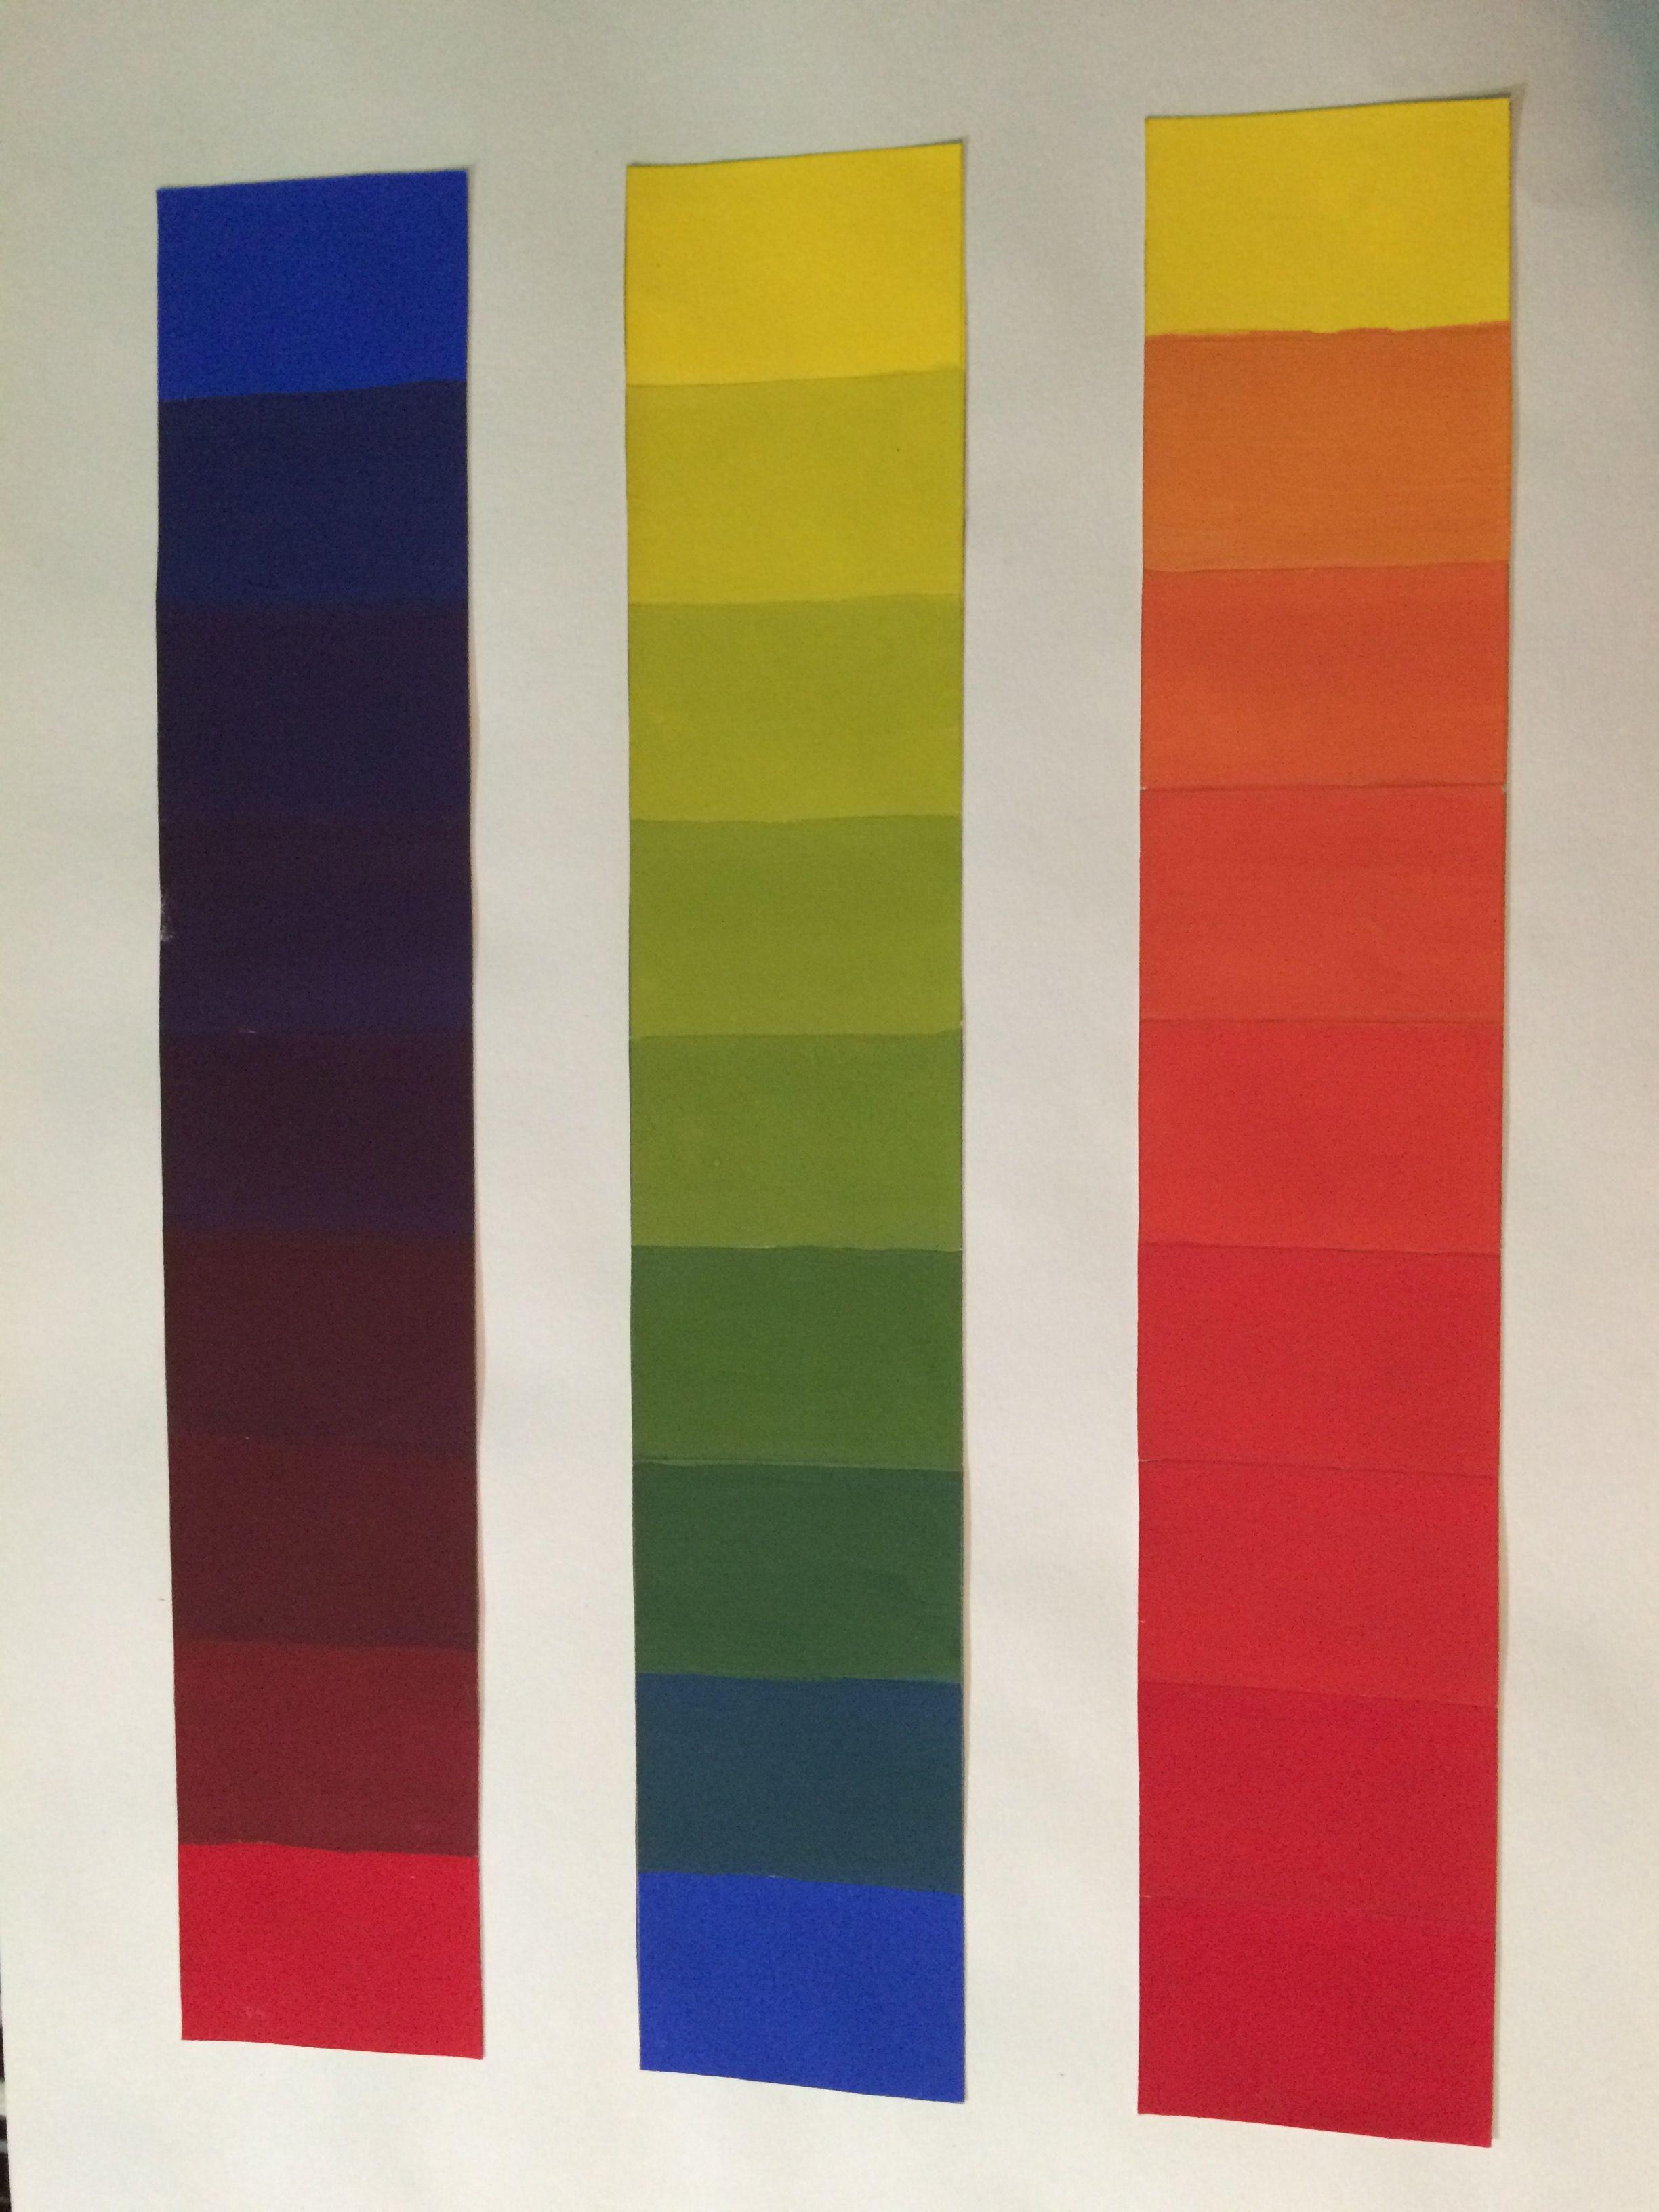 Degradacion De Color Teoria Del Color Dibujos Fondo De Pantalla Para Telefono Movil